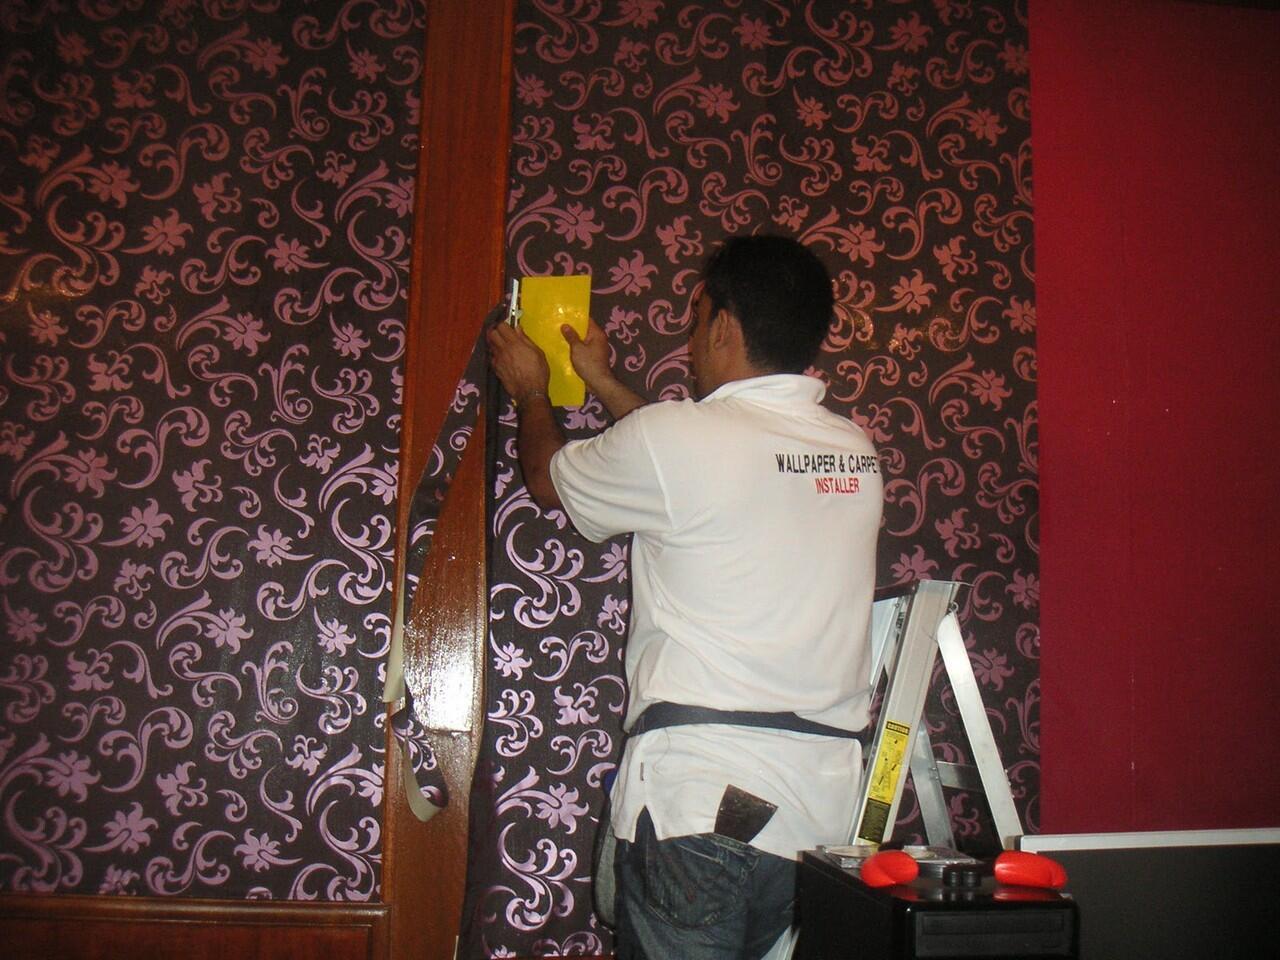 Cari Wallpaper Dinding Adalah Emosi Rumah Andakhusus Jogja KASKUS